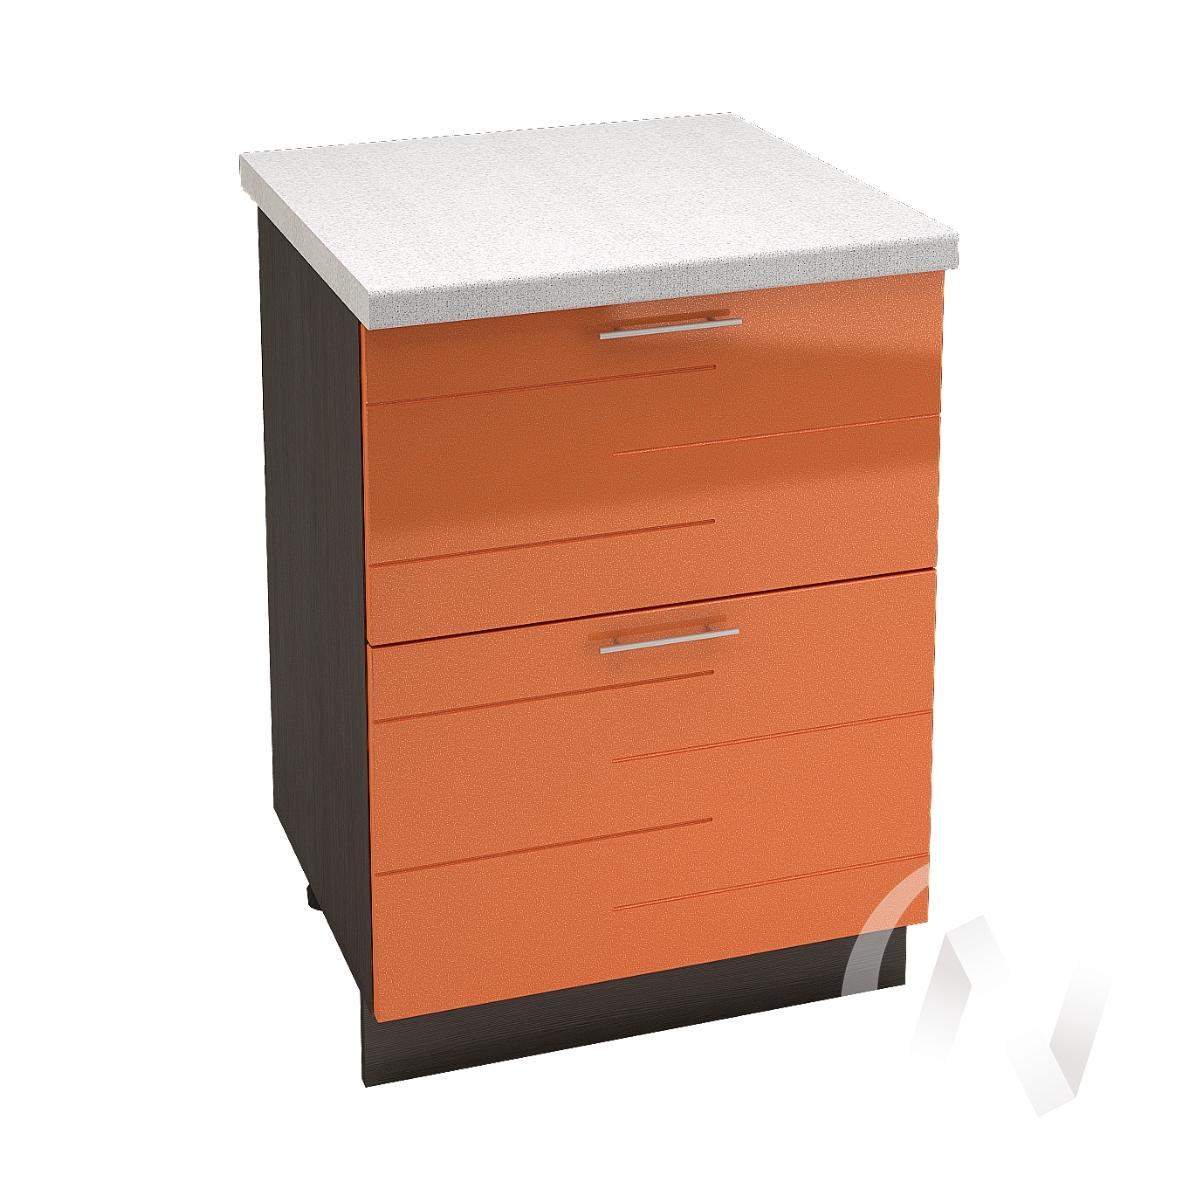 """Кухня """"Техно"""": Шкаф нижний с 2-мя ящиками 600, ШН2Я 600 (корпус венге)"""